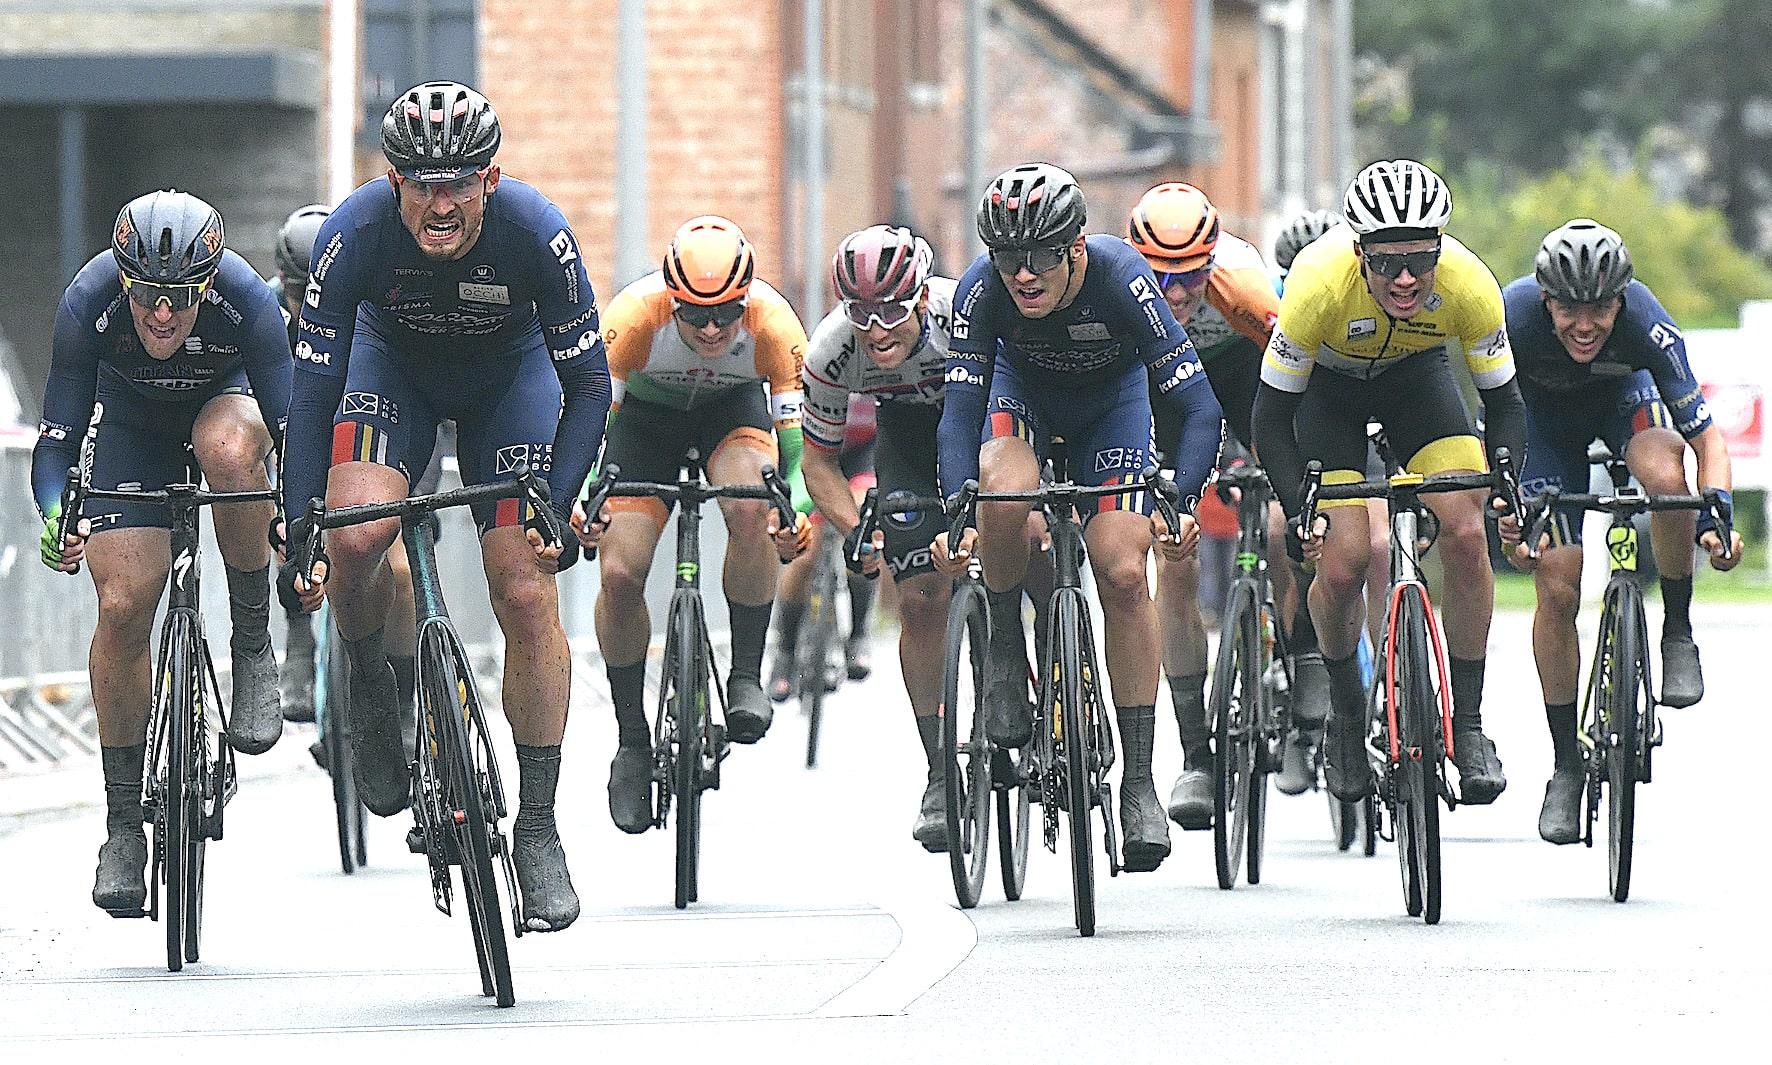 """Brent Clé maakt mooie """"koppeltijdrit"""" en sprint af in Nieuwrode. Segers van Jordens vervolledigen podium."""